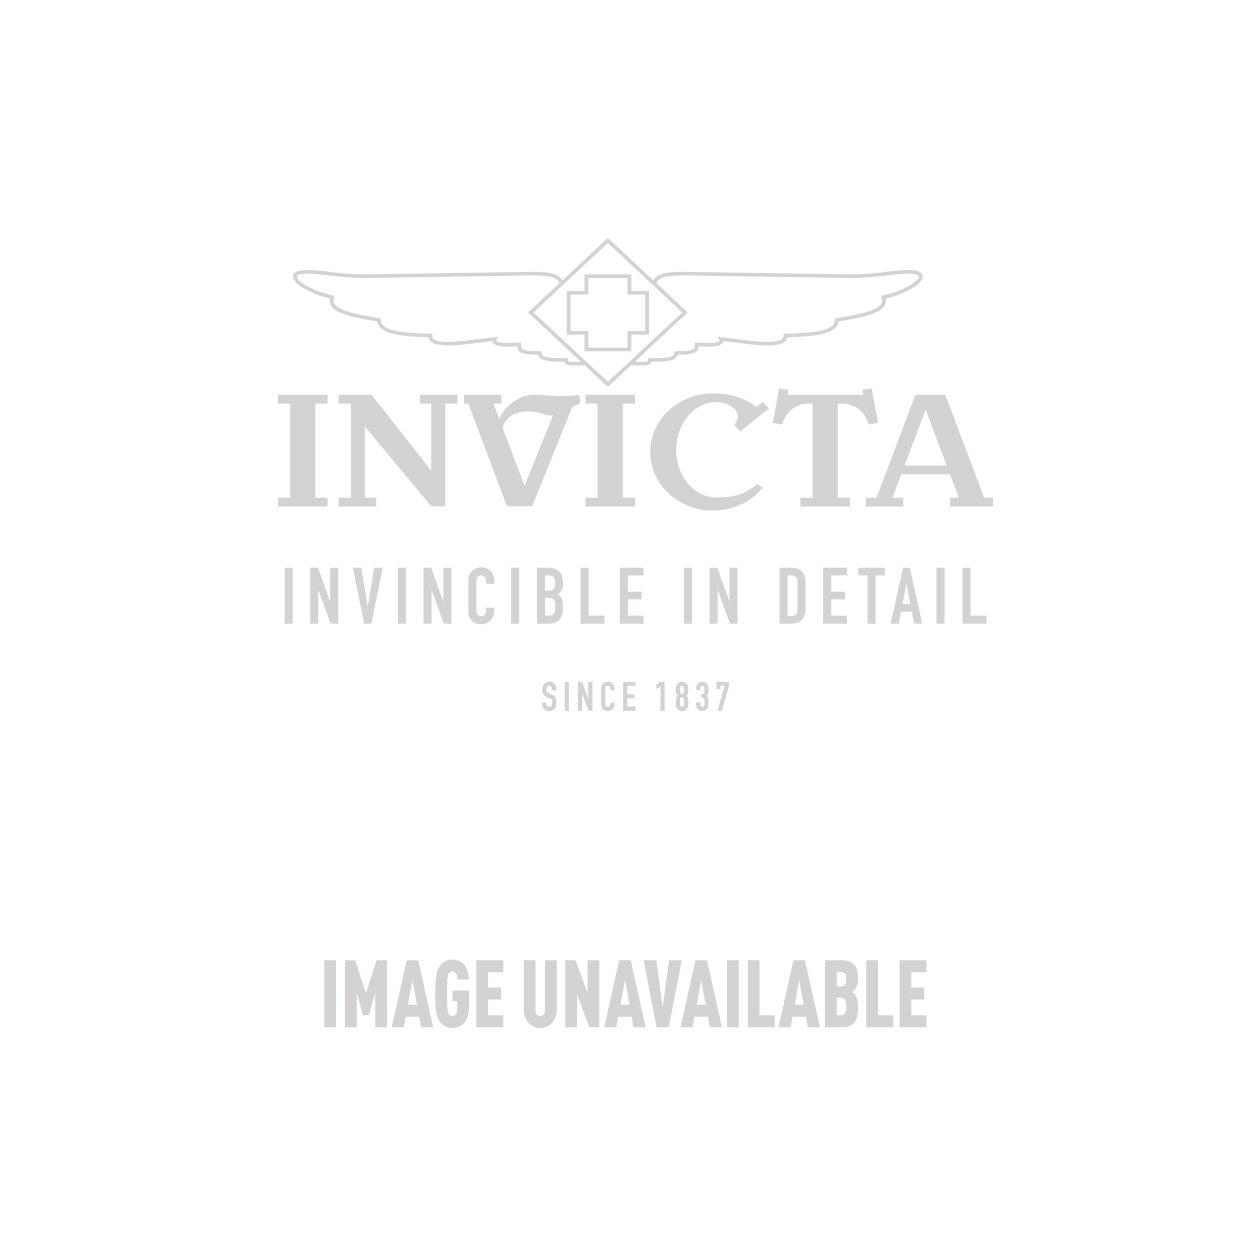 Invicta Model 27789